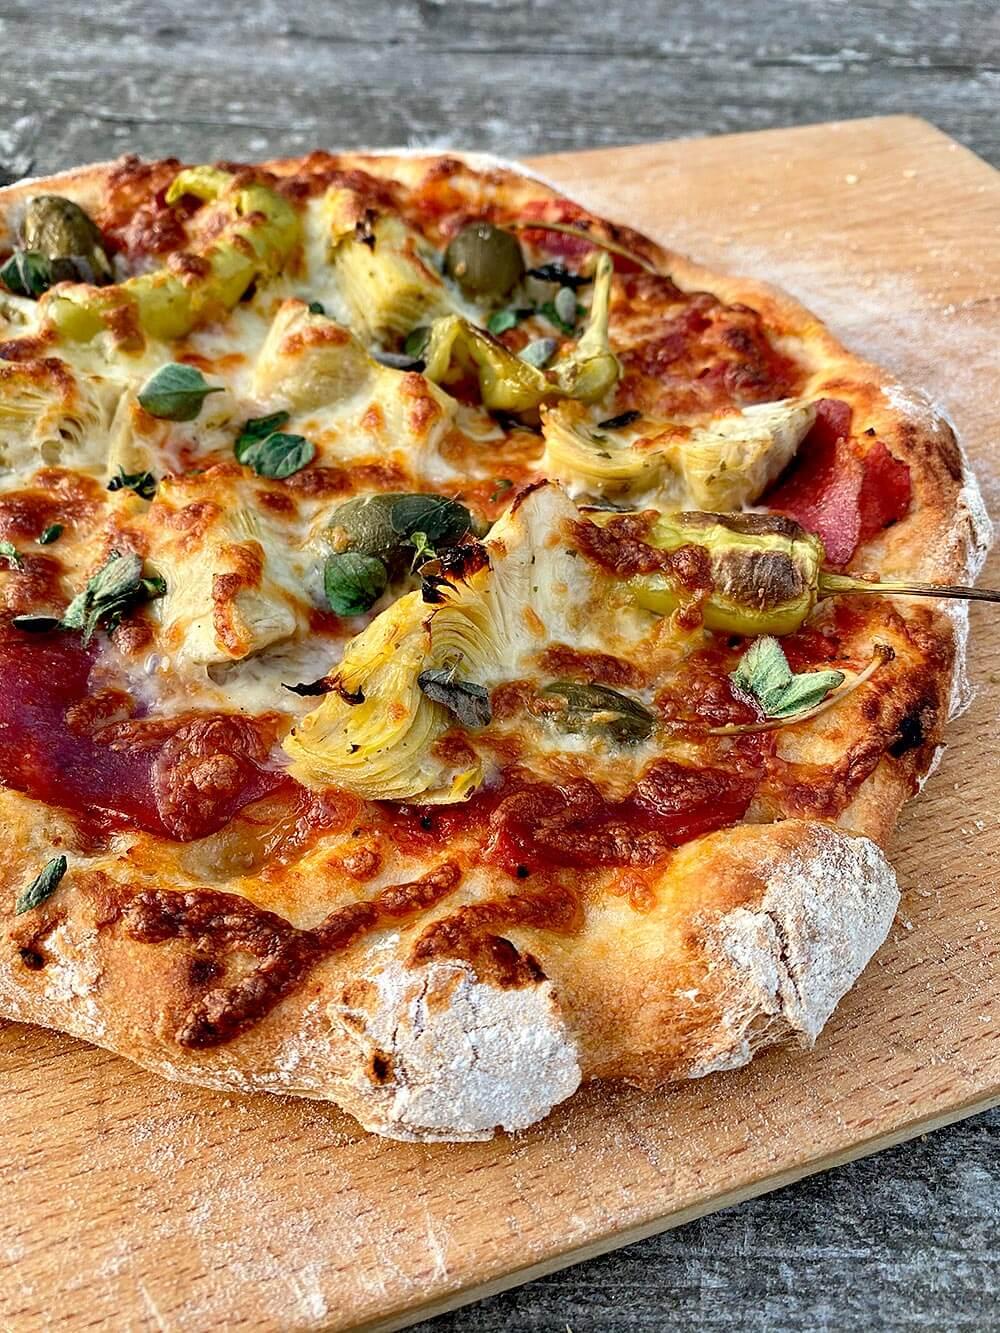 Meine persönliche Variante der Capricciosa ist die Pizza Rolfe mit San-Marzano-Tomaten, Salami, Artischocken, Apfelkapern, Peperoncini, gelbe Peperoni, Mozzarella und Oregano. Pizzateig selber machen.